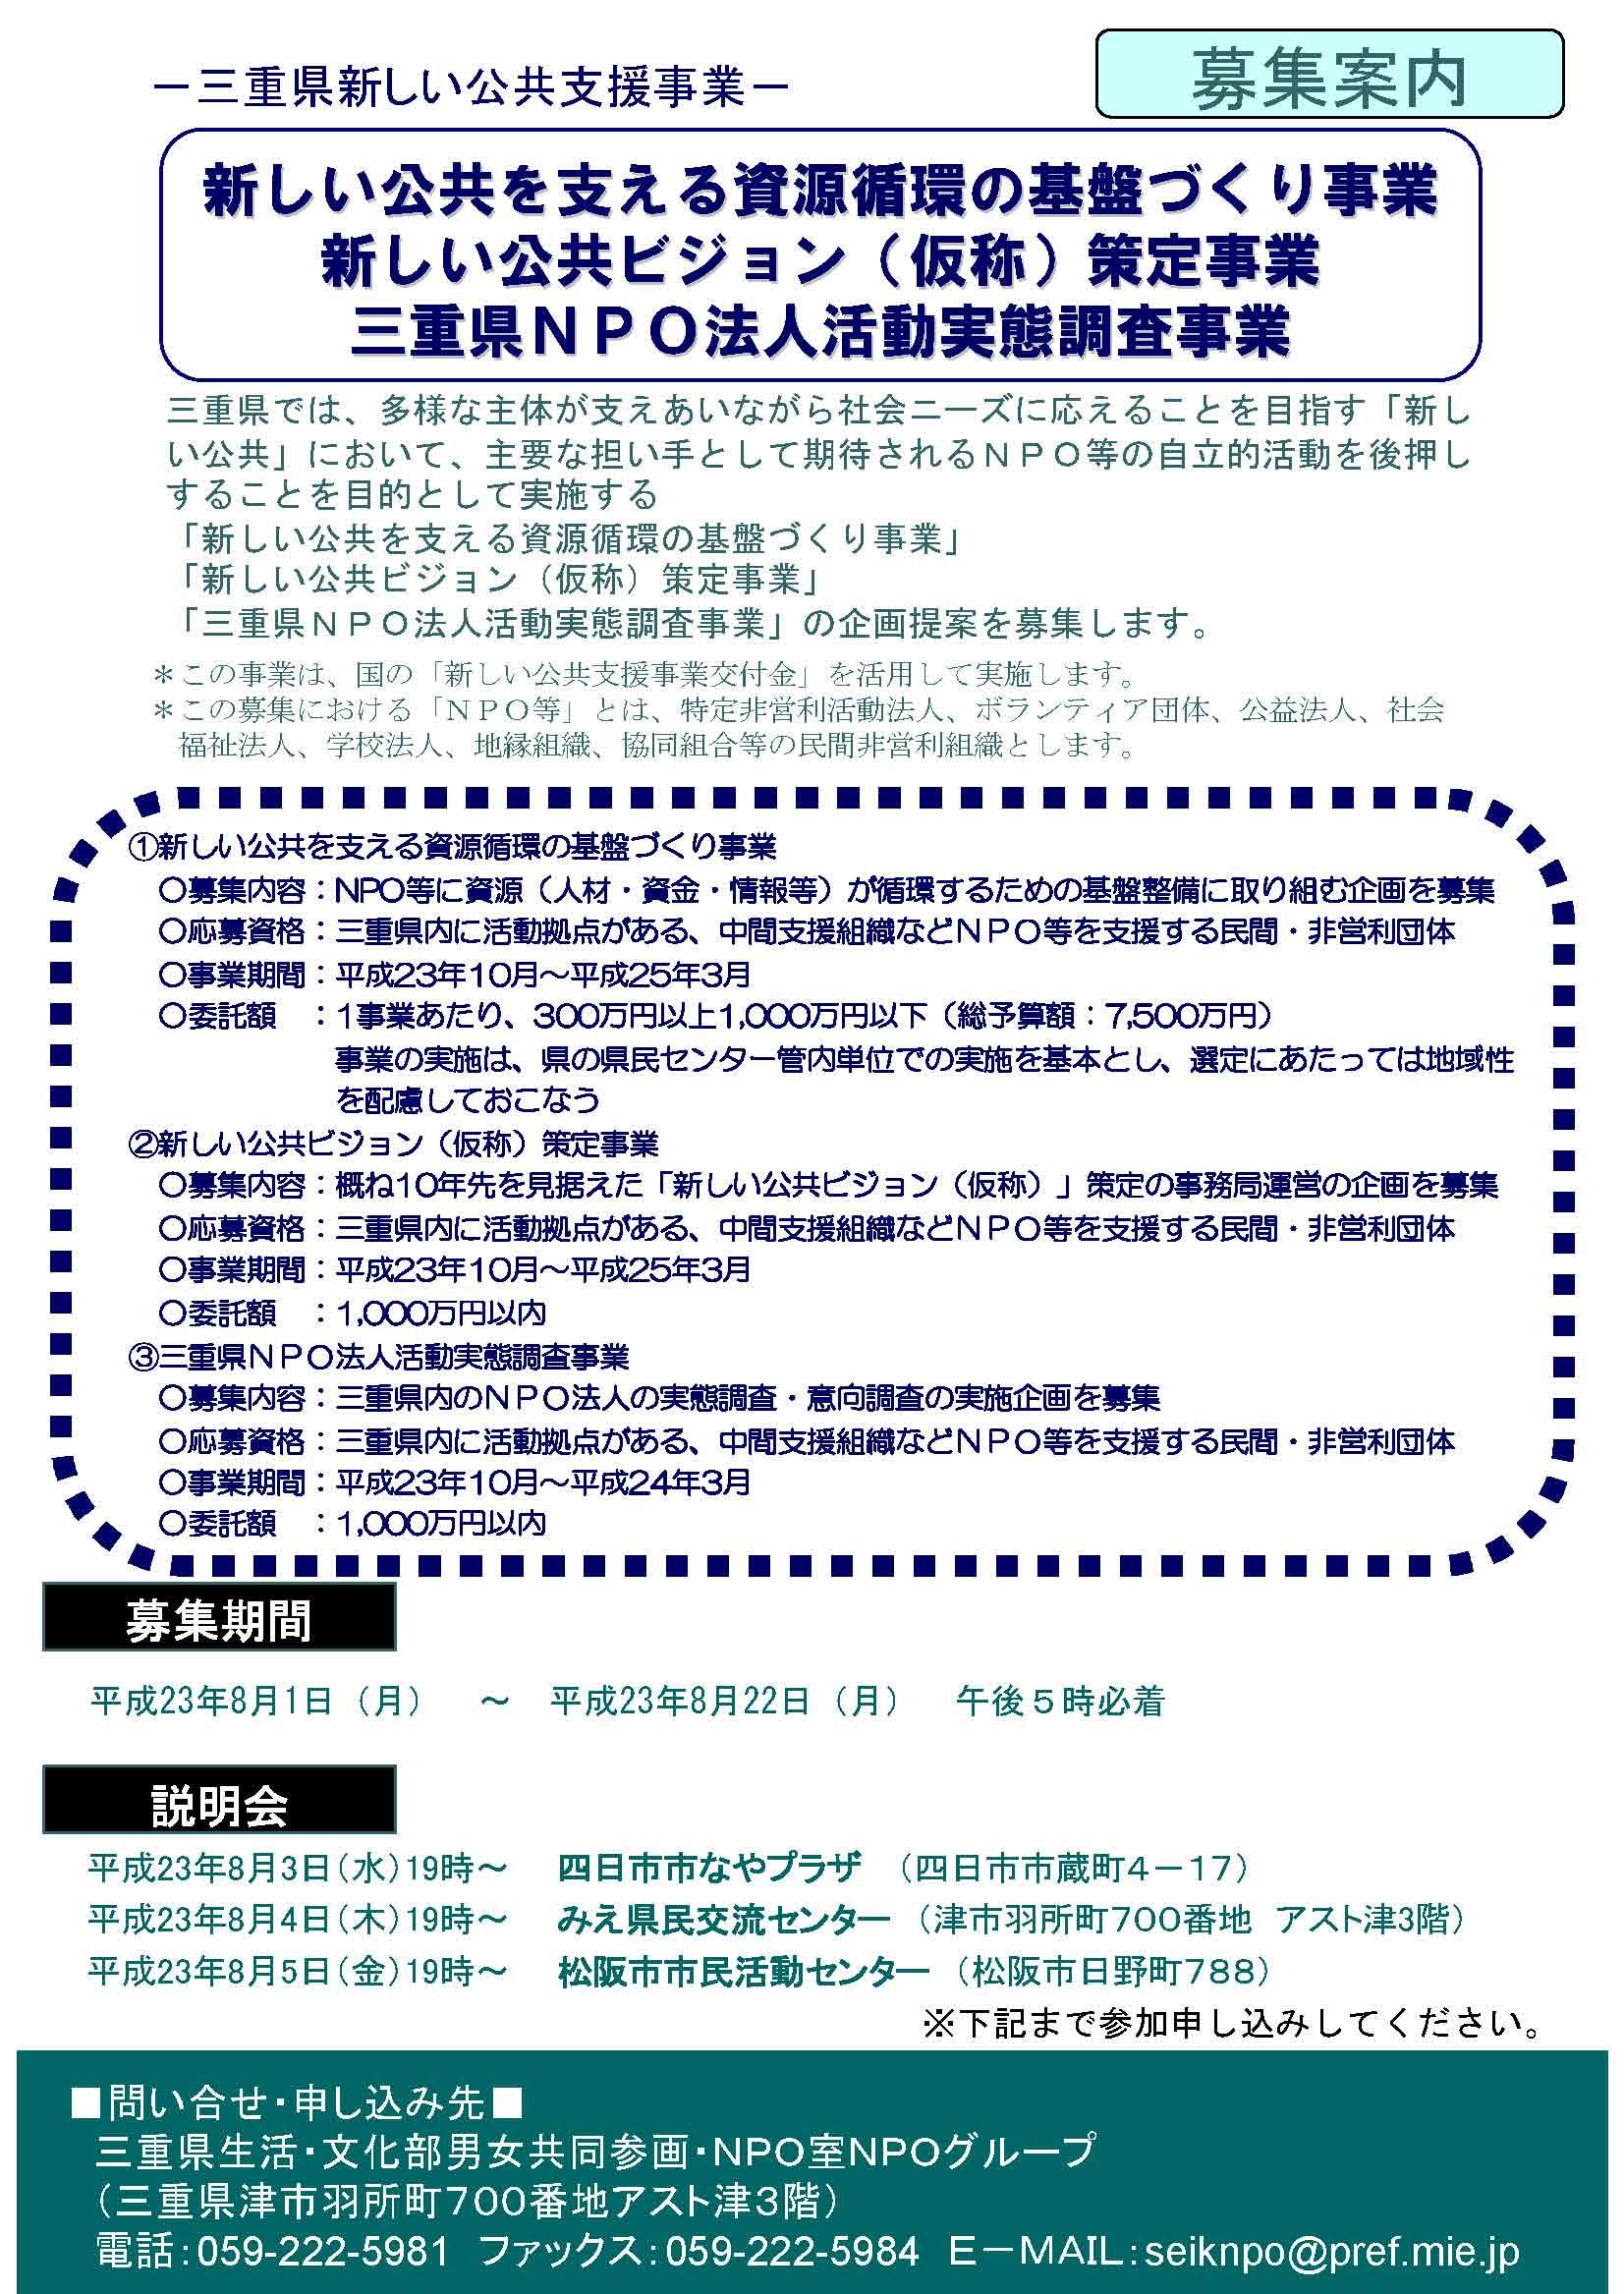 三重県のNPO活動を支える仕組み_c0010936_2249449.jpg